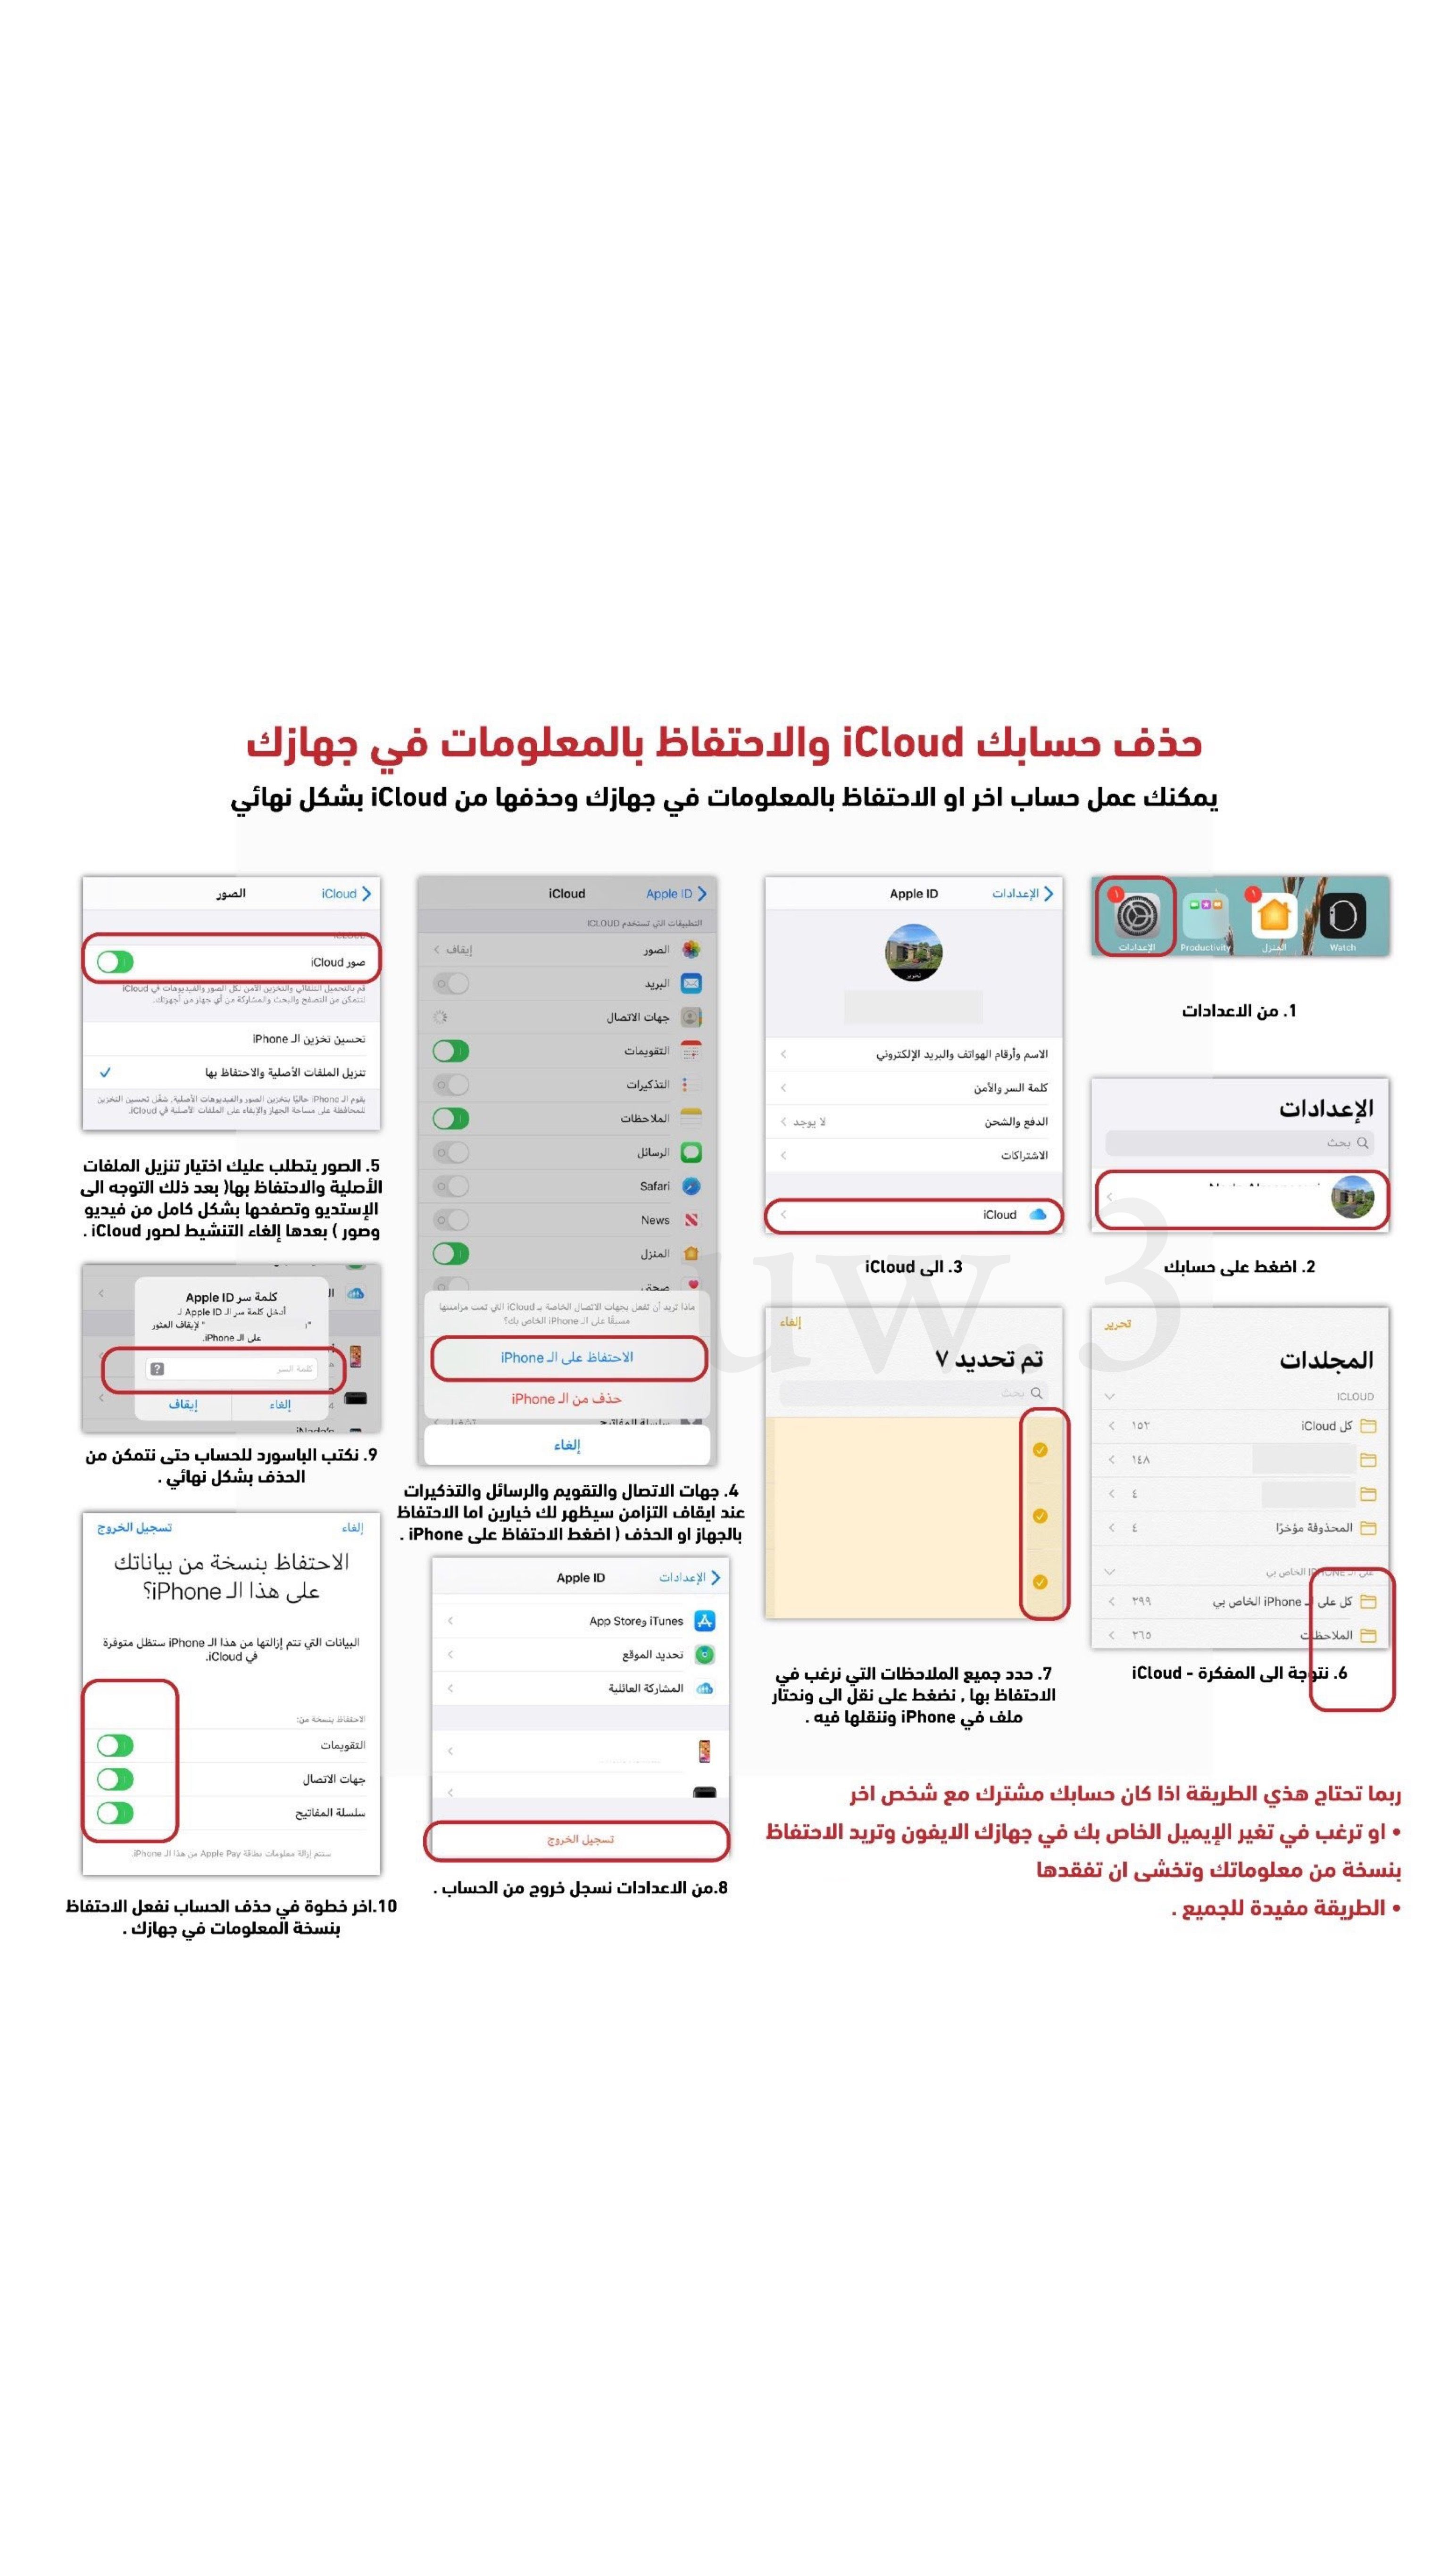 حذف حسابك Icloud والاحتفاظ بالمعلومات في جهازك Iphone Icloud Instagram